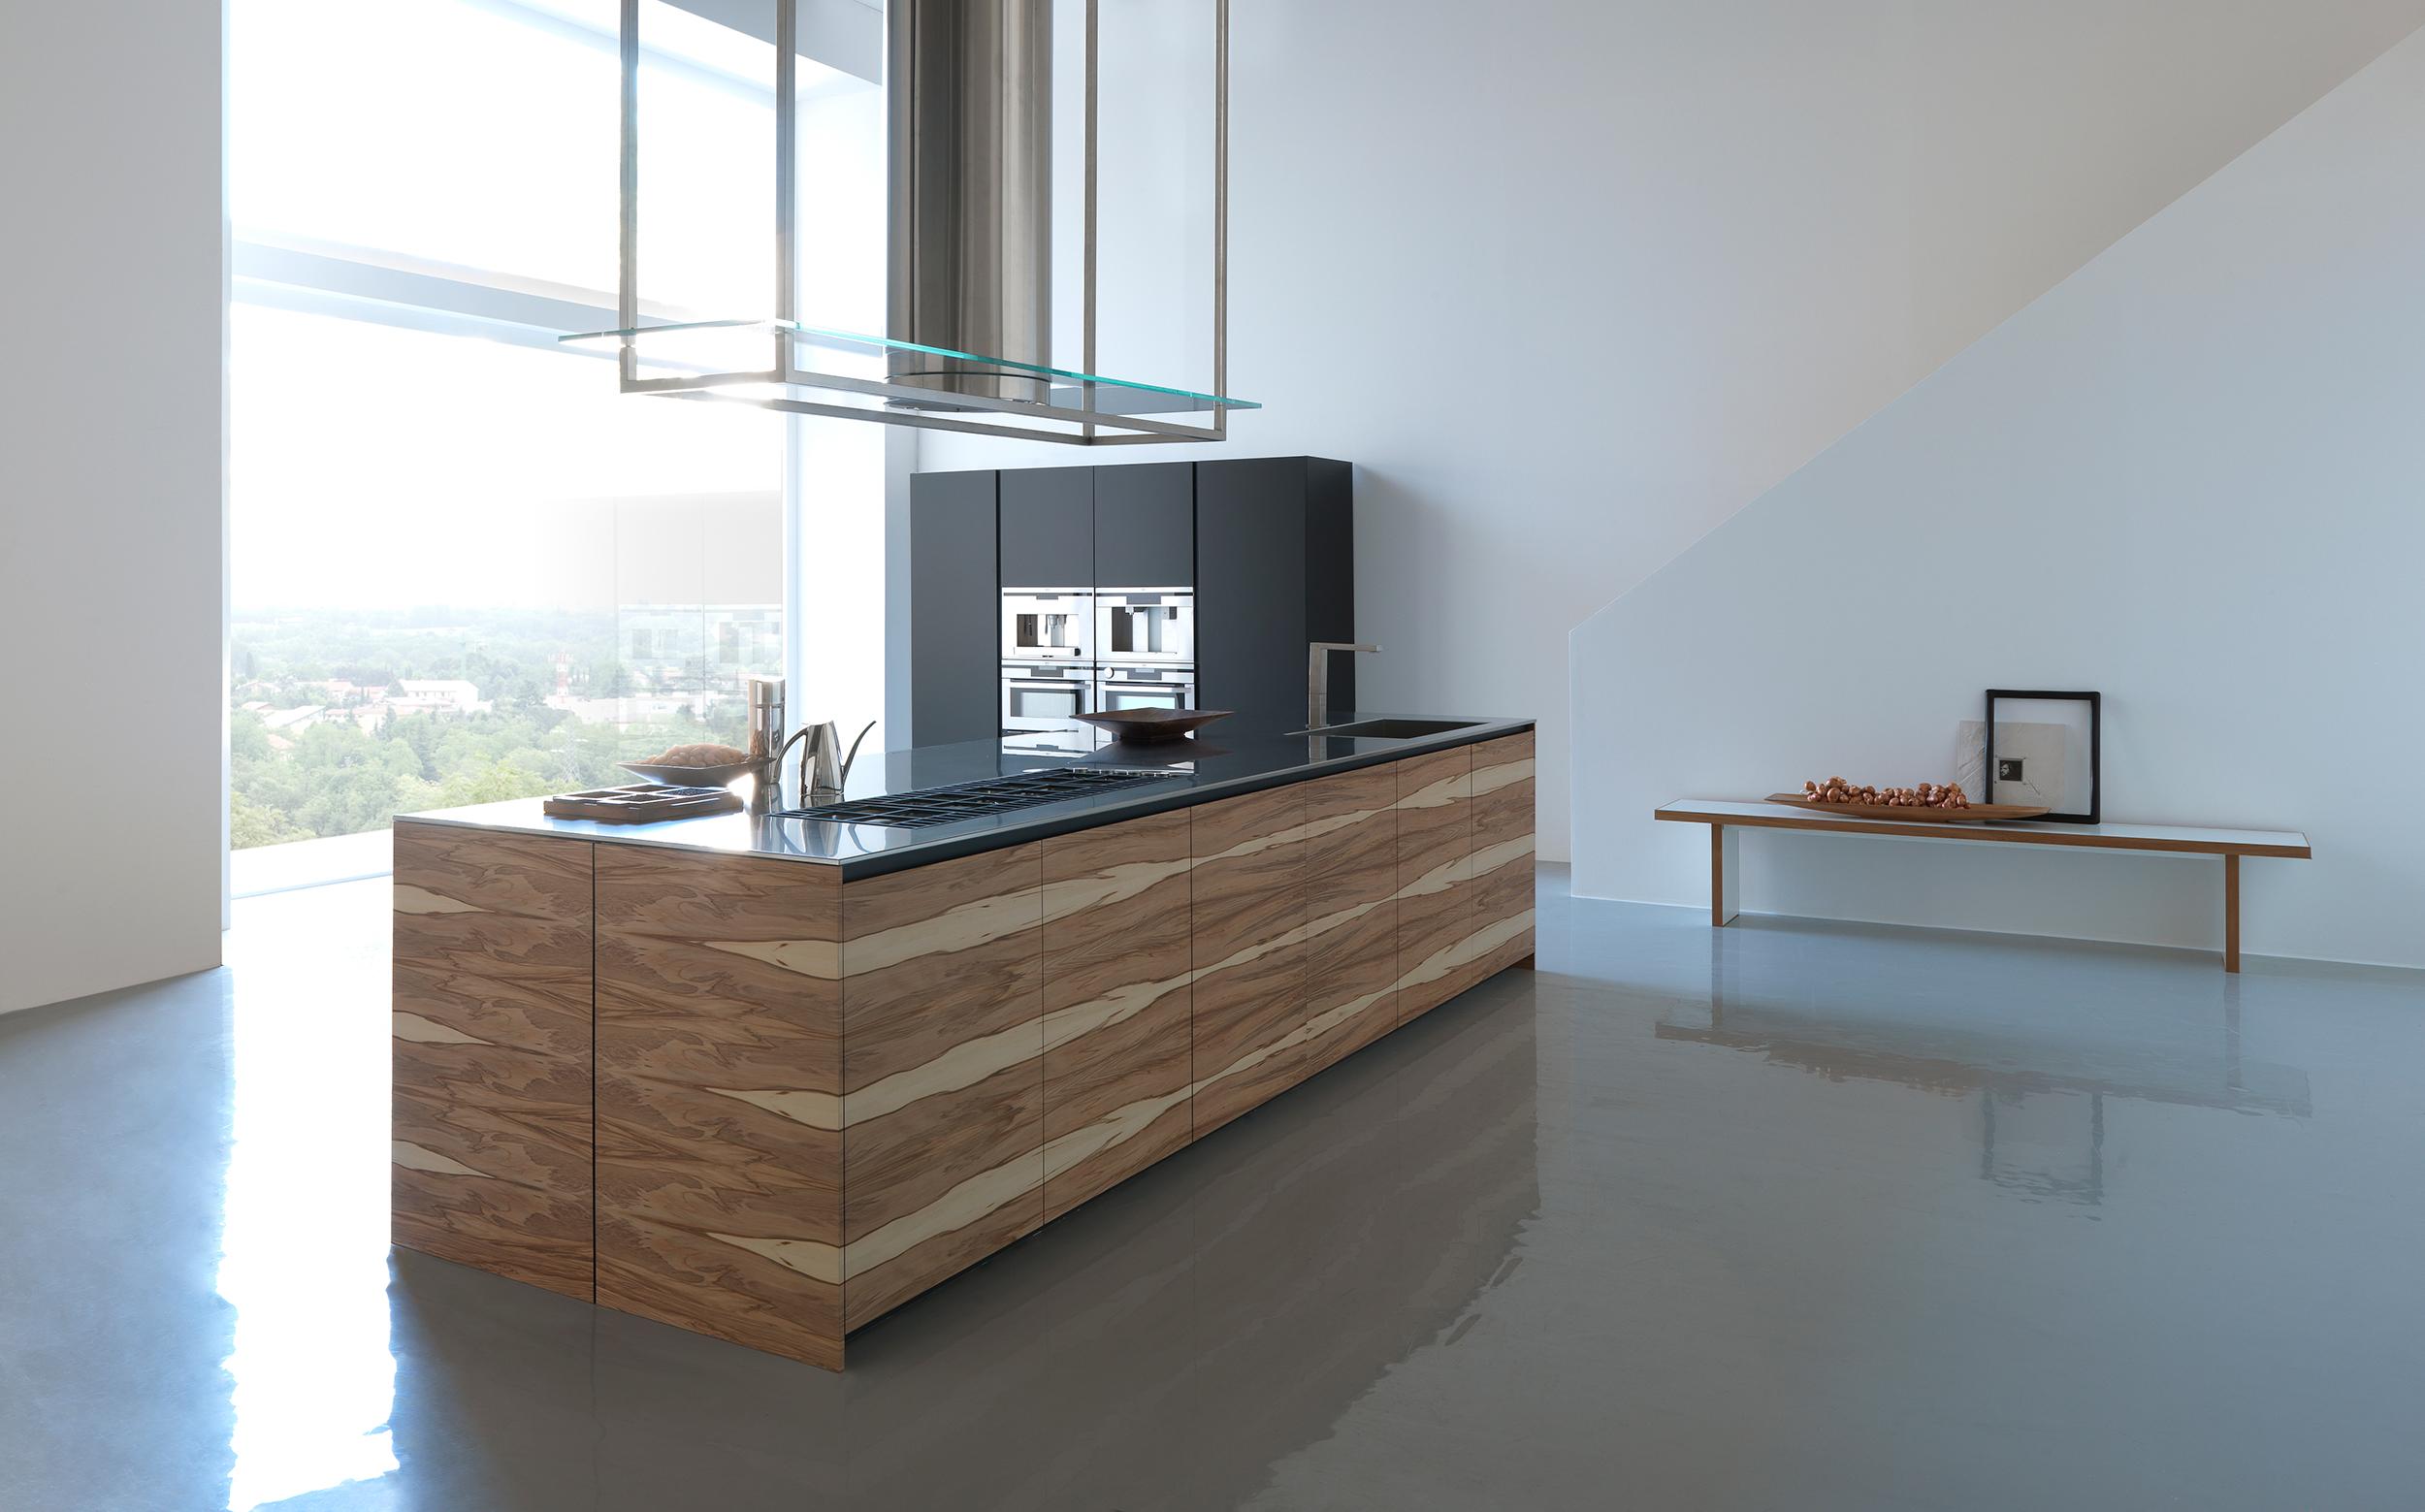 Keuken Badkamer Mijdrecht : Exclusieve keuken blade modulnova flagshipstore